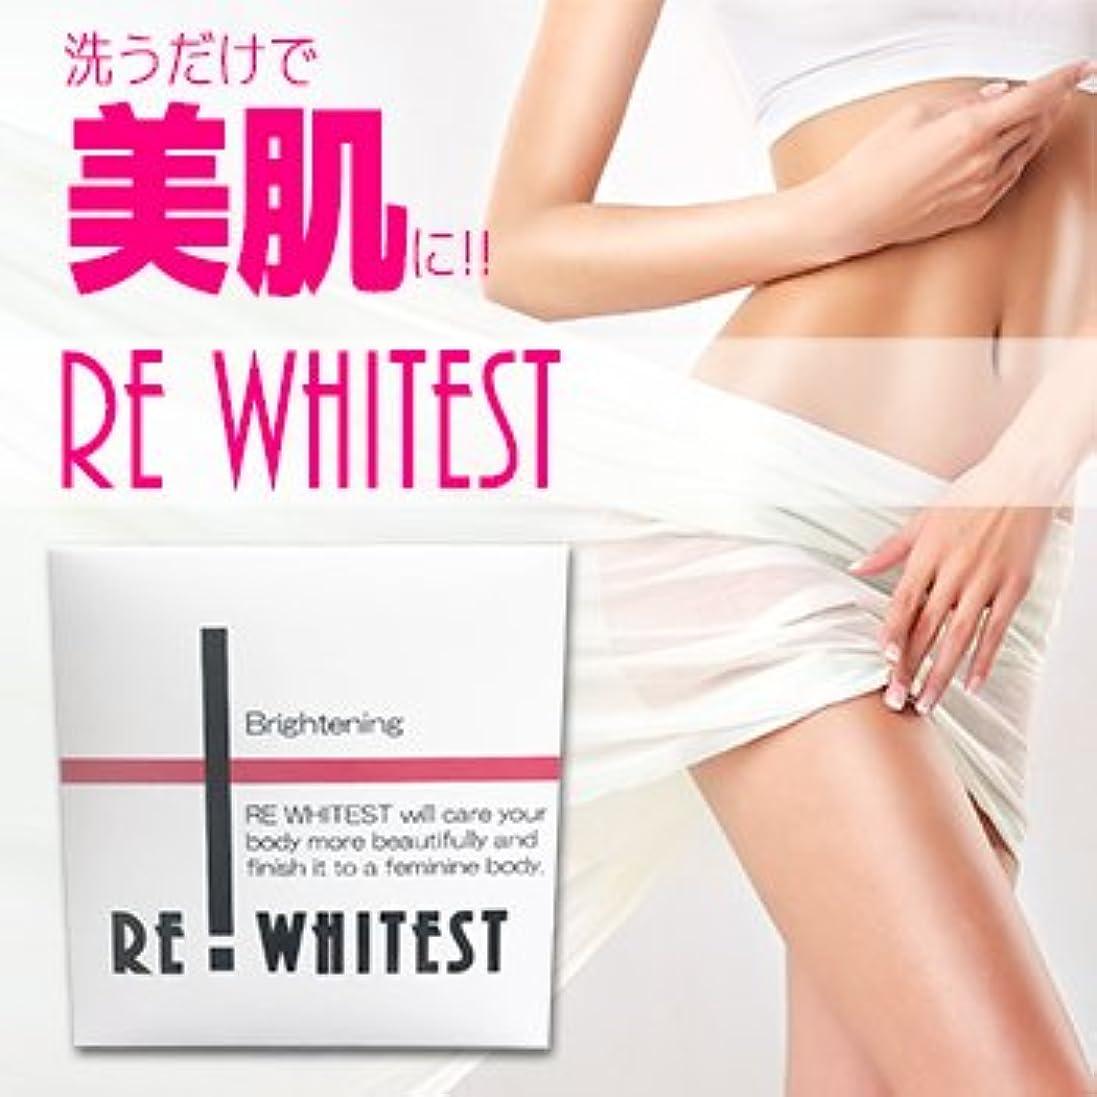 パパイン+イソフラボン配合女性用美肌石鹸 REWHITEST-リホワイテスト-